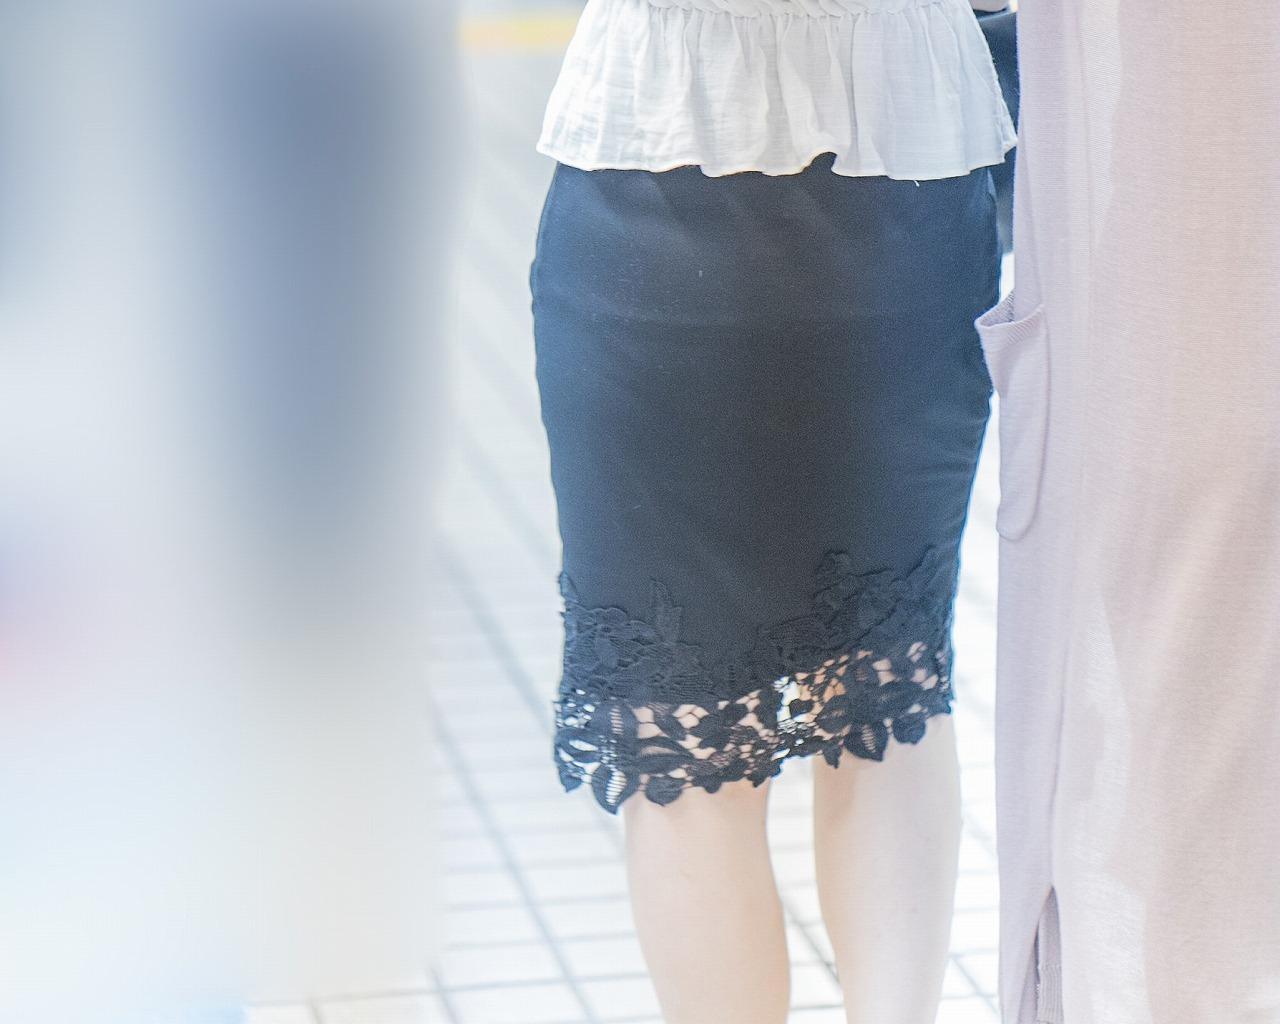 OLさんのエロいタイトスカート!大きなお尻にパンティラインがイイ!